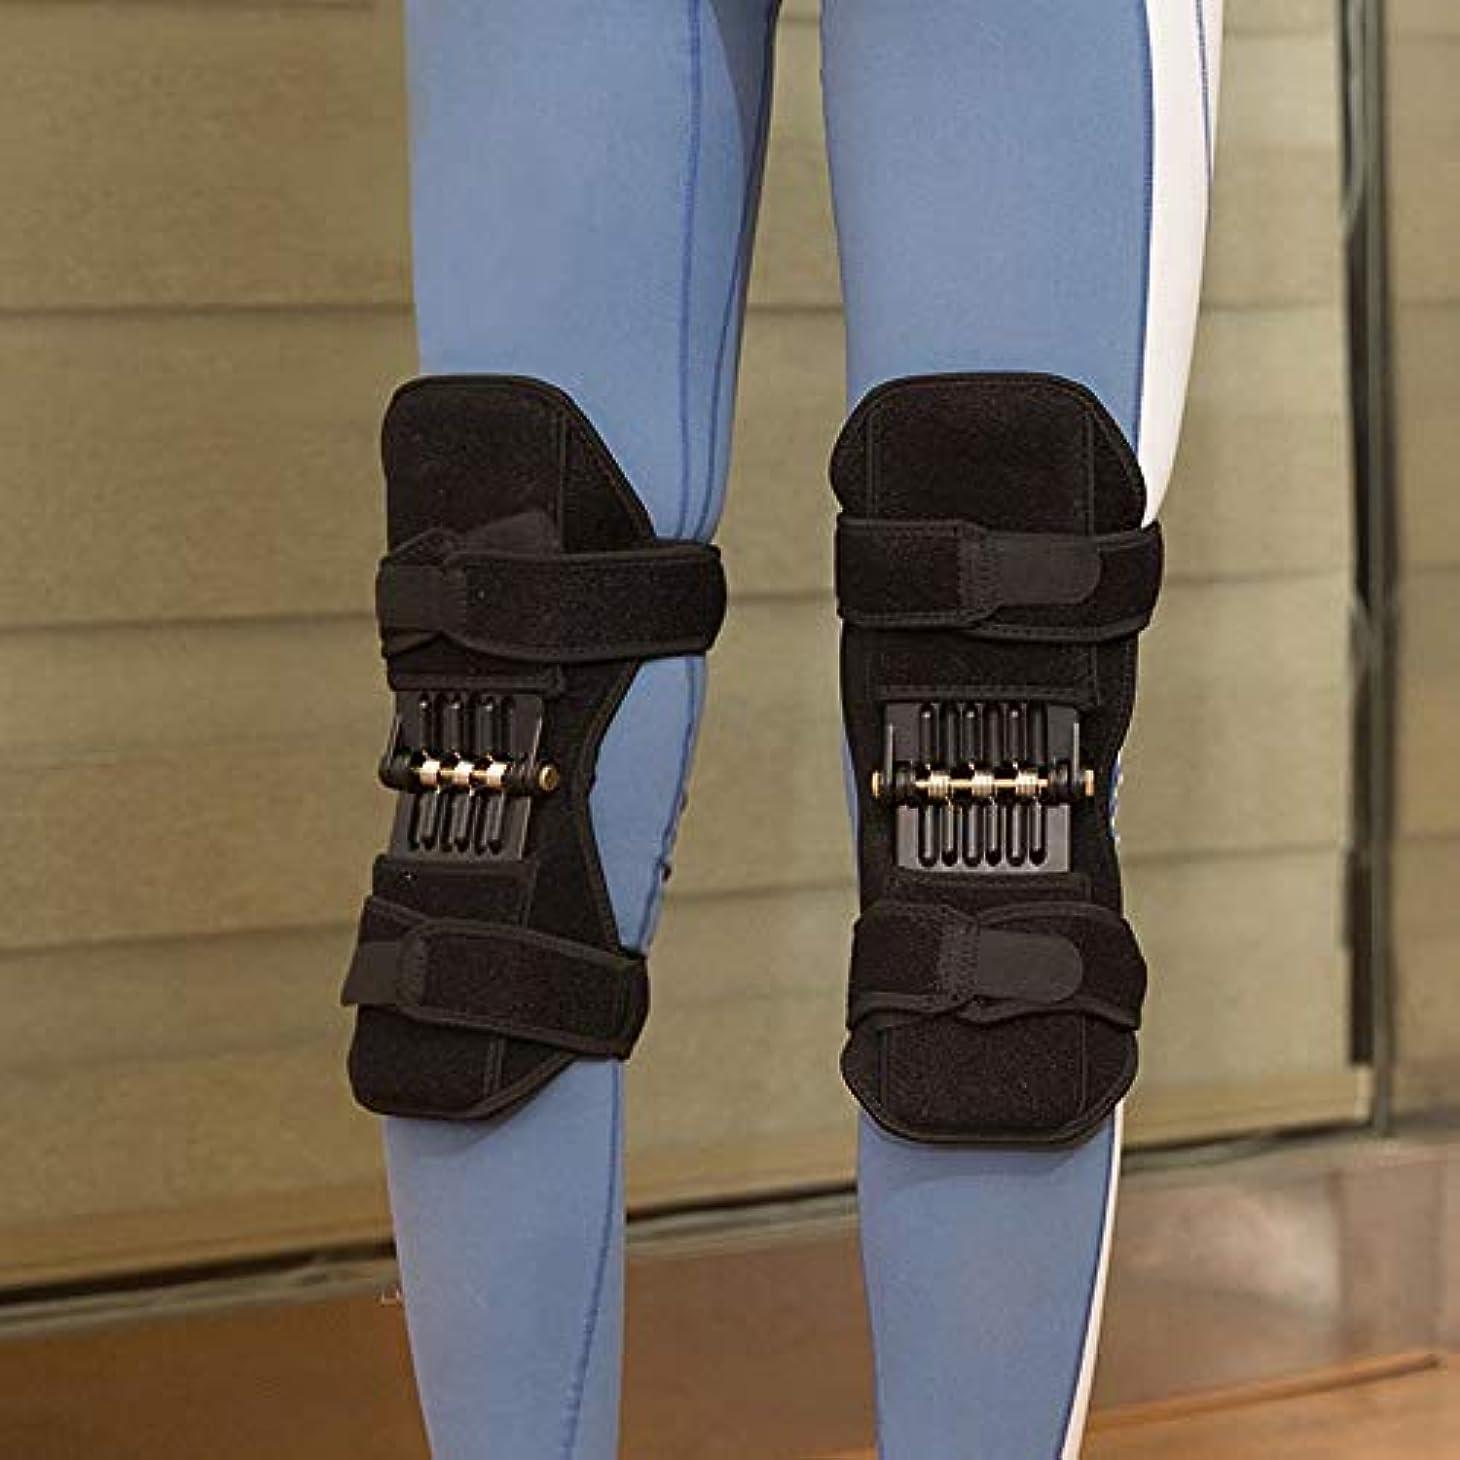 責め苦しむ仮定1 ペアスポーツ 春の膝 ストラップ 登山 ランニング 膝 ブースター 膝 パッド 膝関節保護 マッサージツール